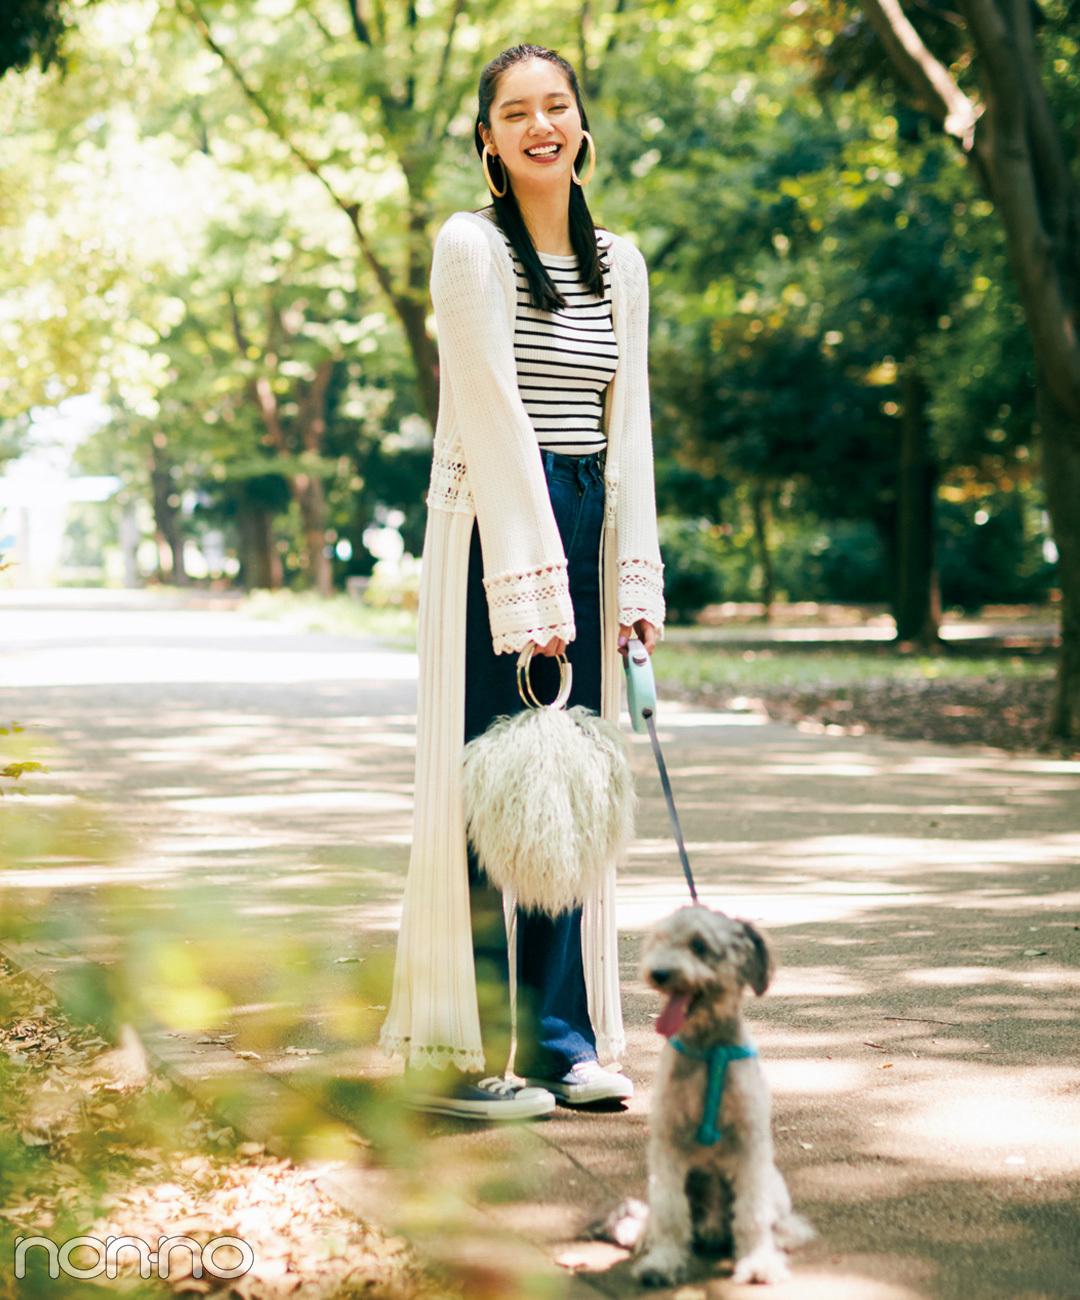 【ブルースニーカーコーデ】新川優愛は、休日にぴったりな爽やか可愛いスニーカーコーデ♡